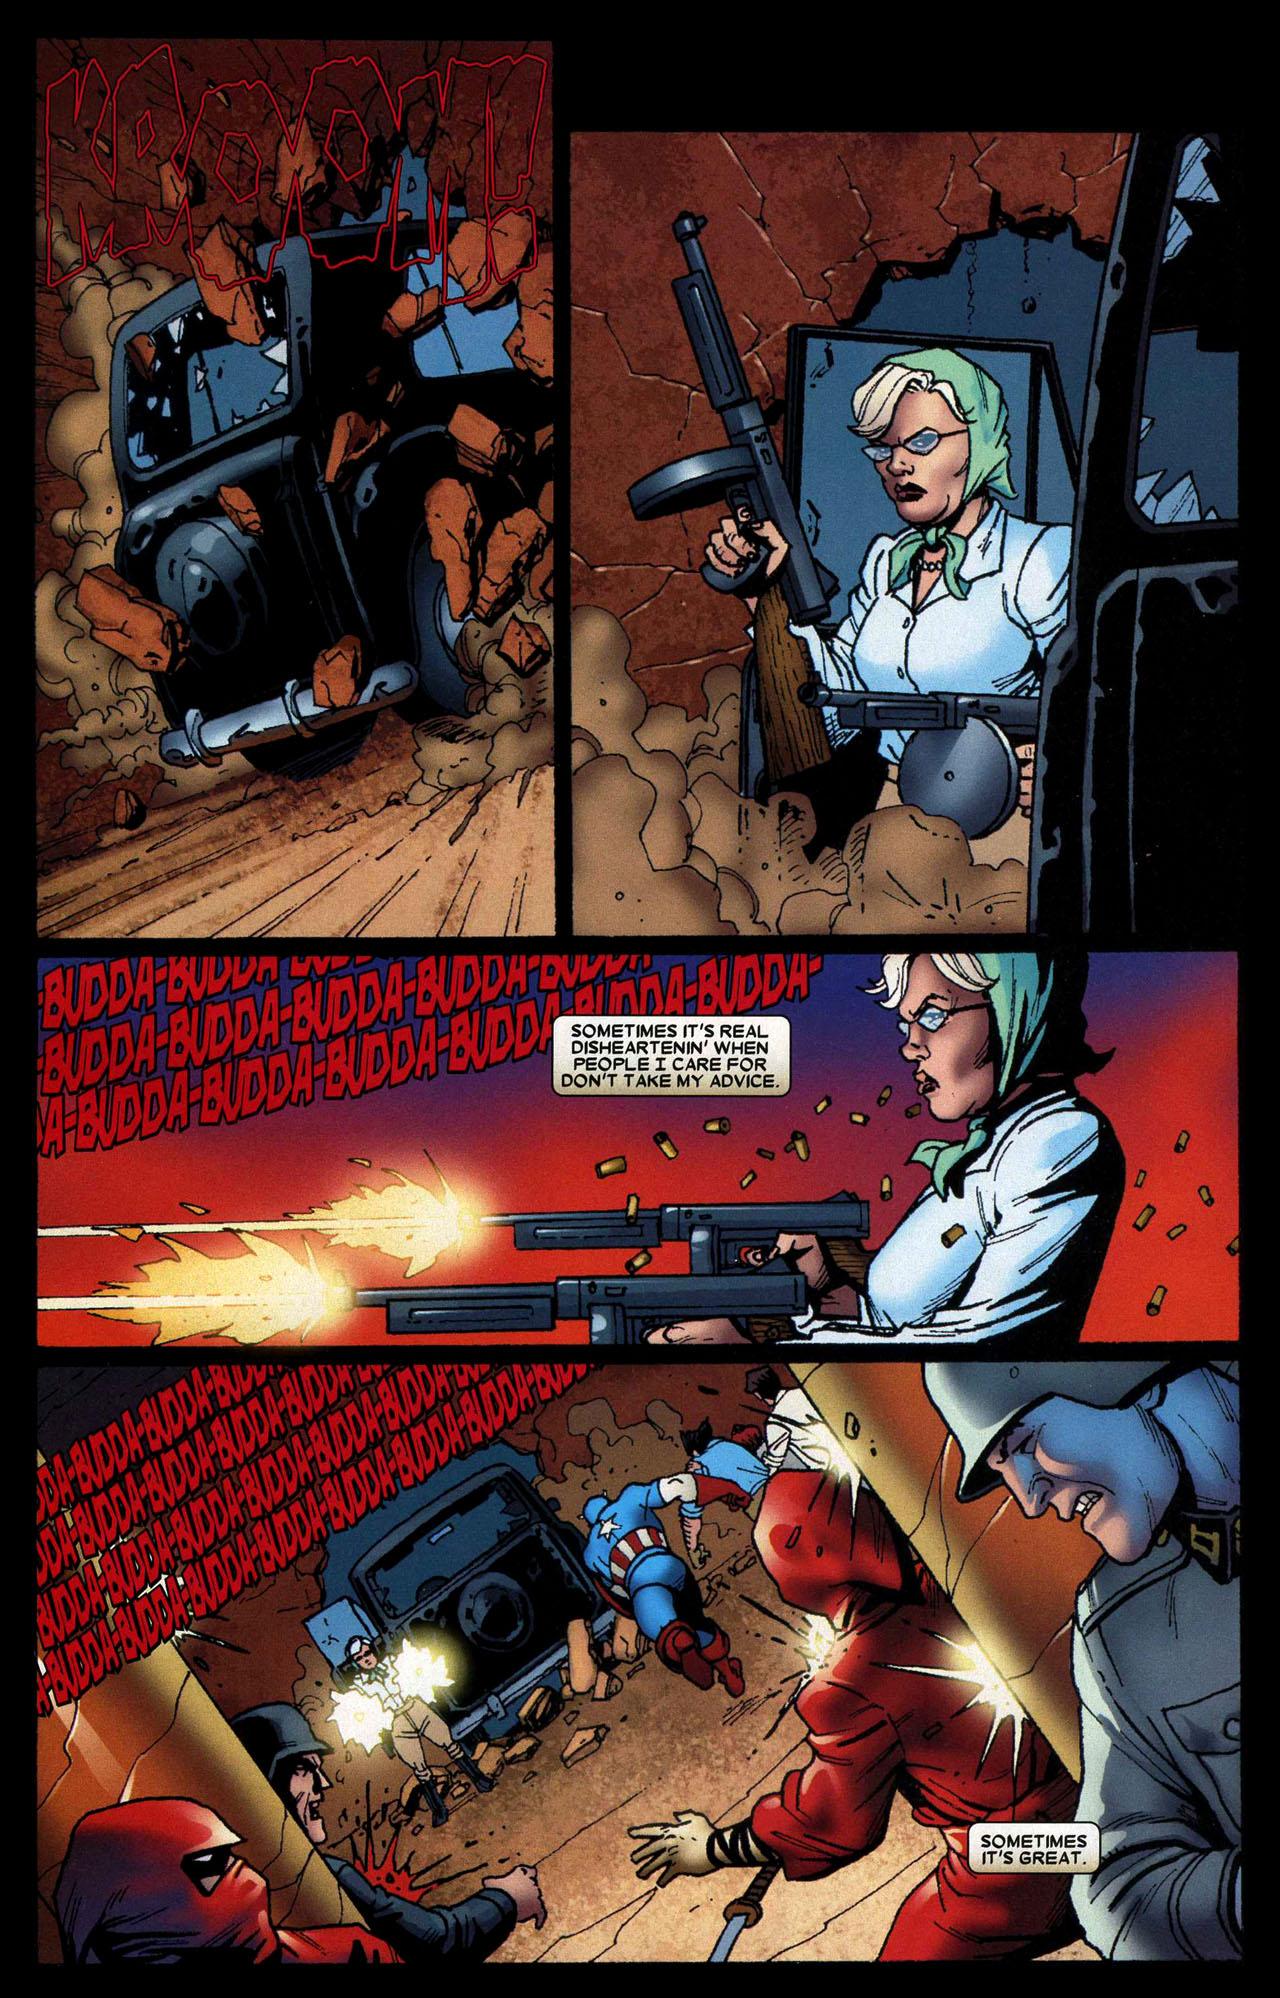 Read online Wolverine: Origins comic -  Issue #16 - 21